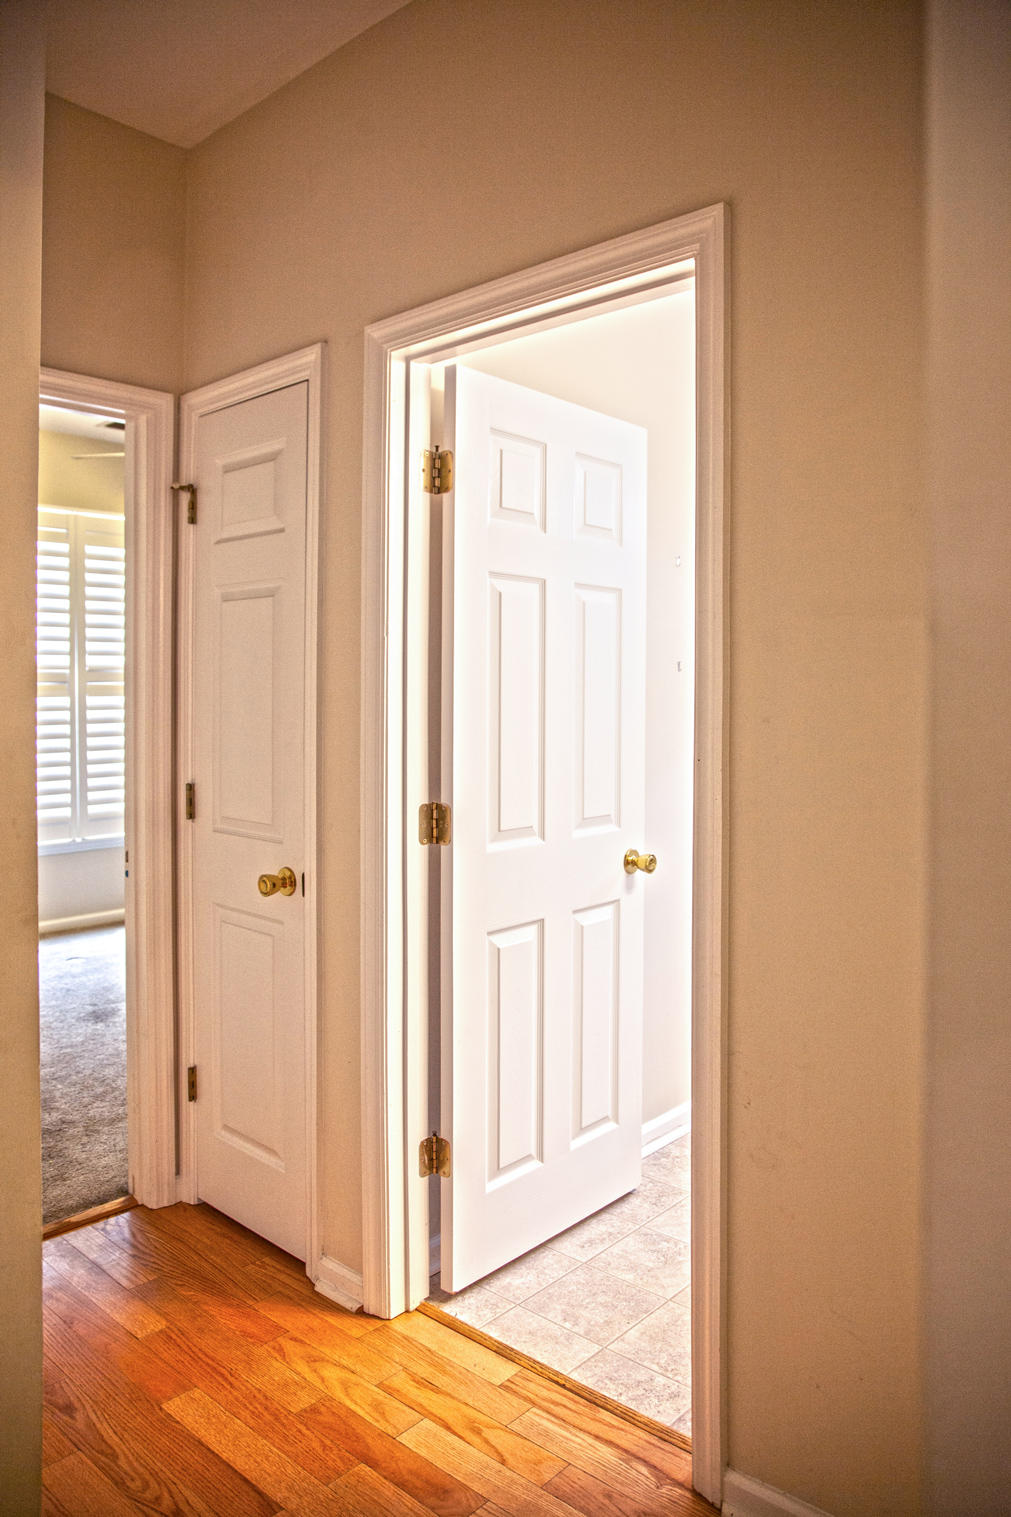 Park West Homes For Sale - 3190 John Bartram Place, Mount Pleasant, SC - 35